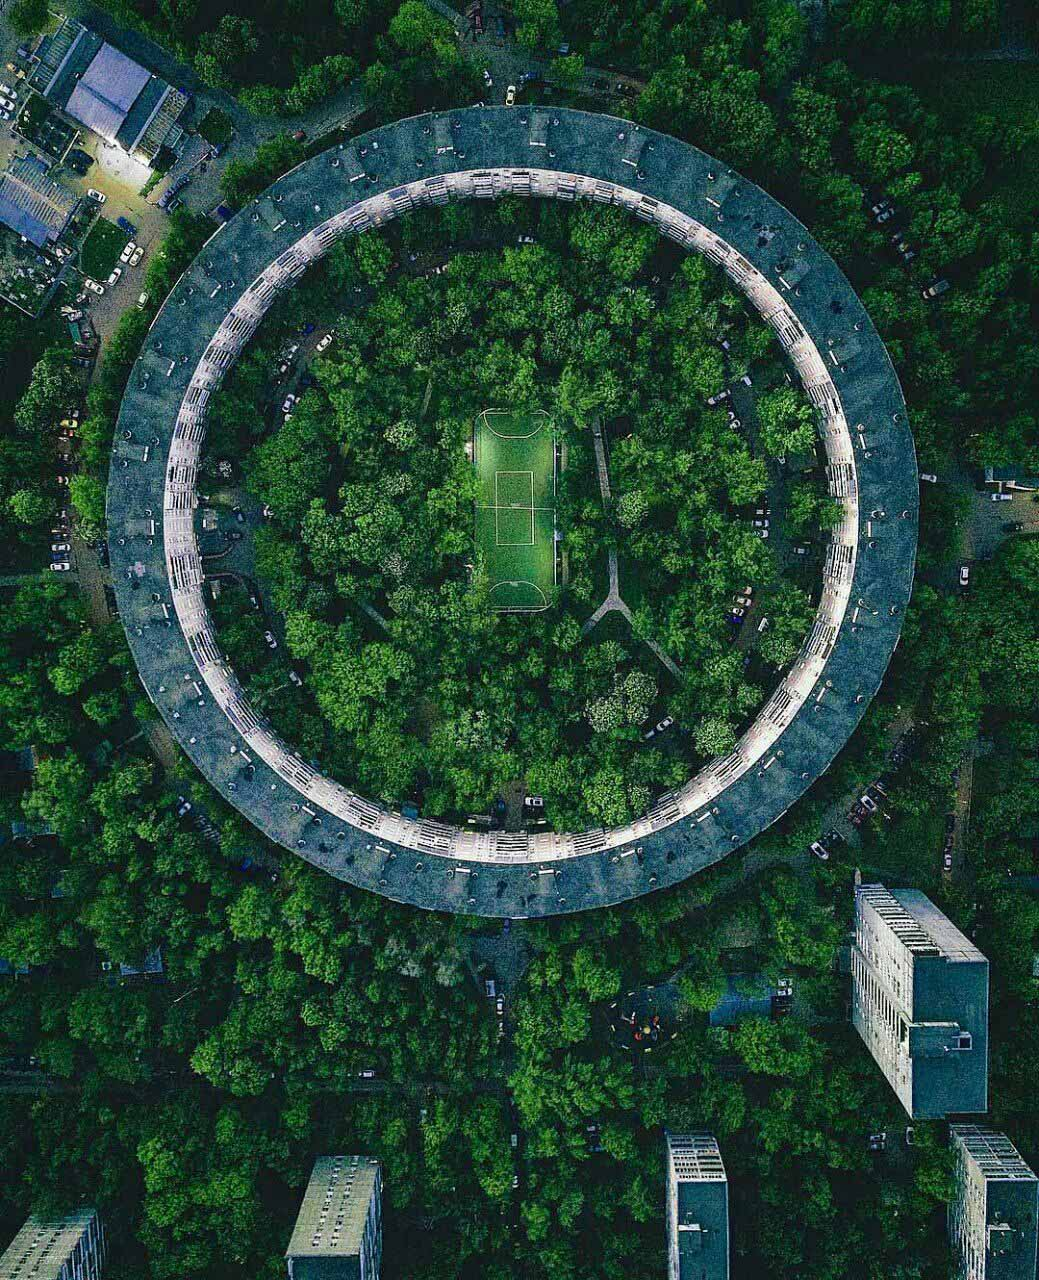 زمین فوتبال خارق العاده در روسیه + عکس